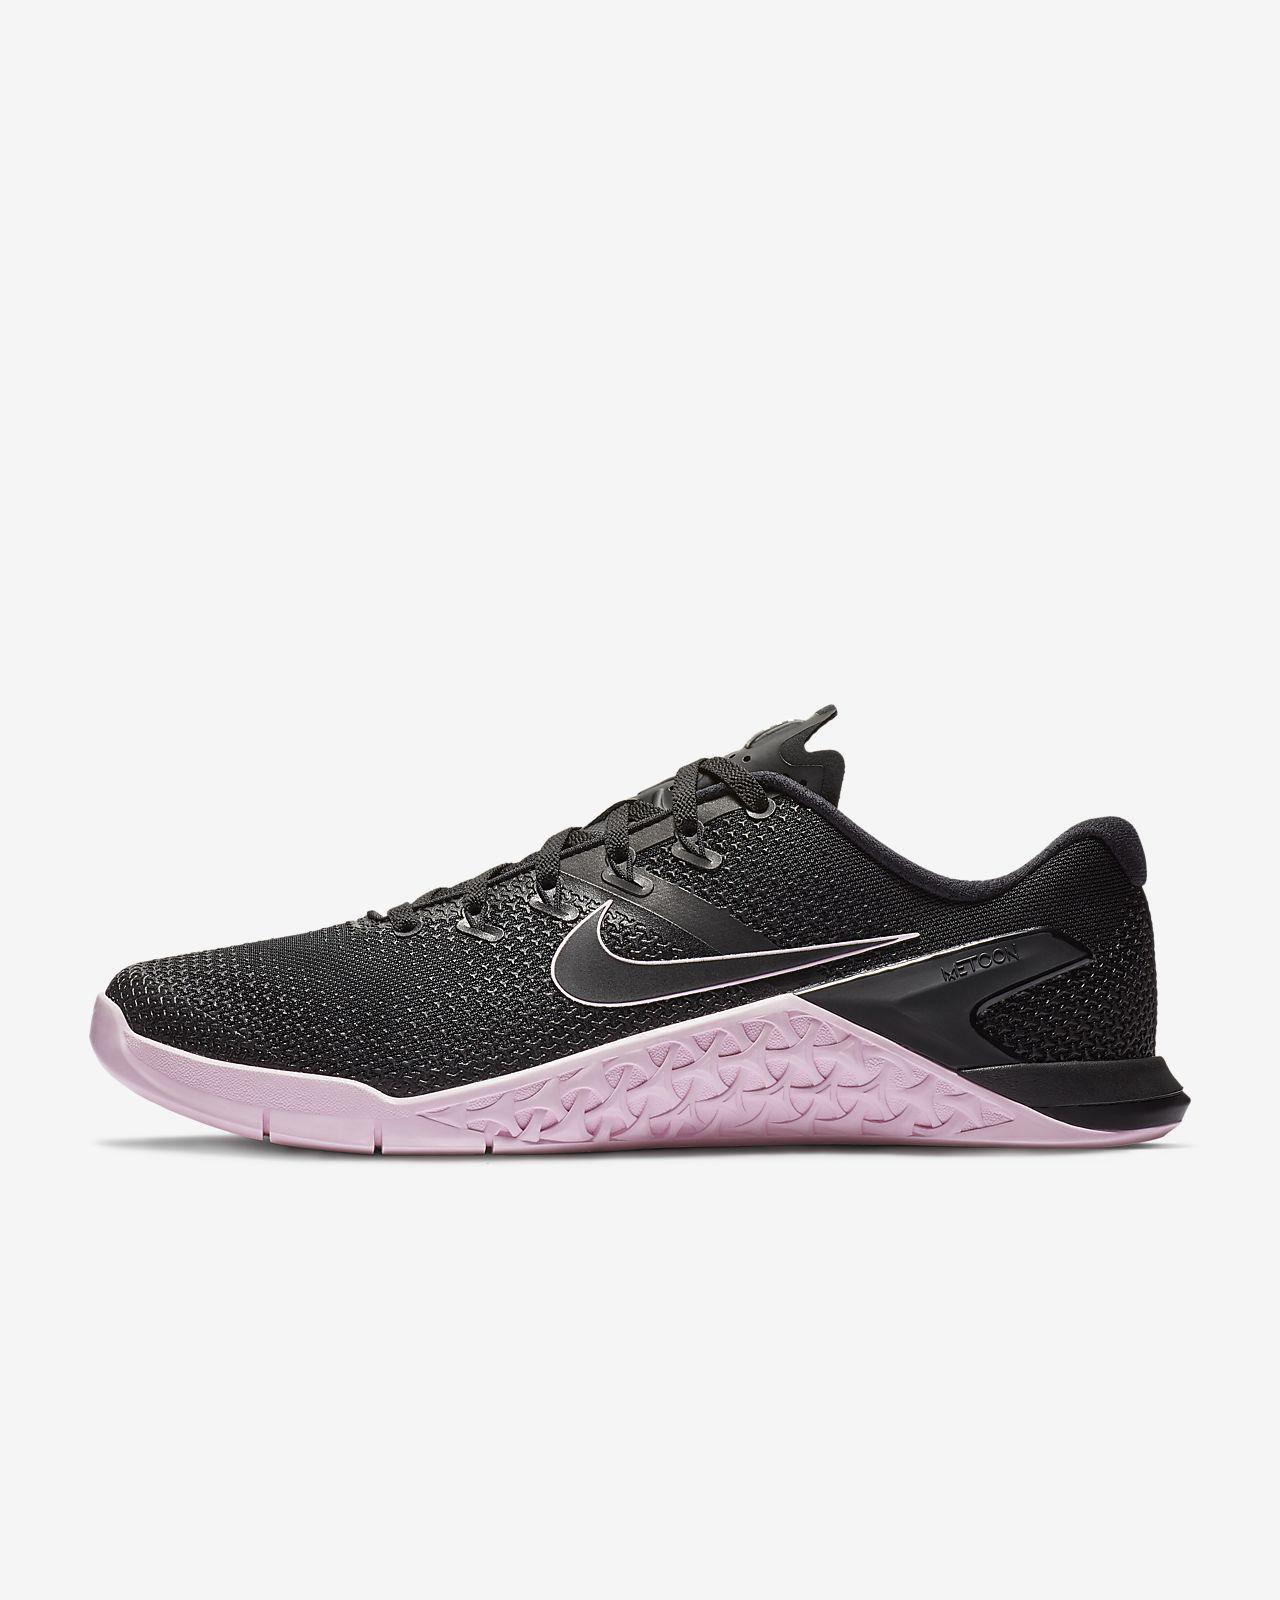 online store dce42 18803 ... Sko för crosstraining och tyngdlyftning Nike Metcon 4 för män